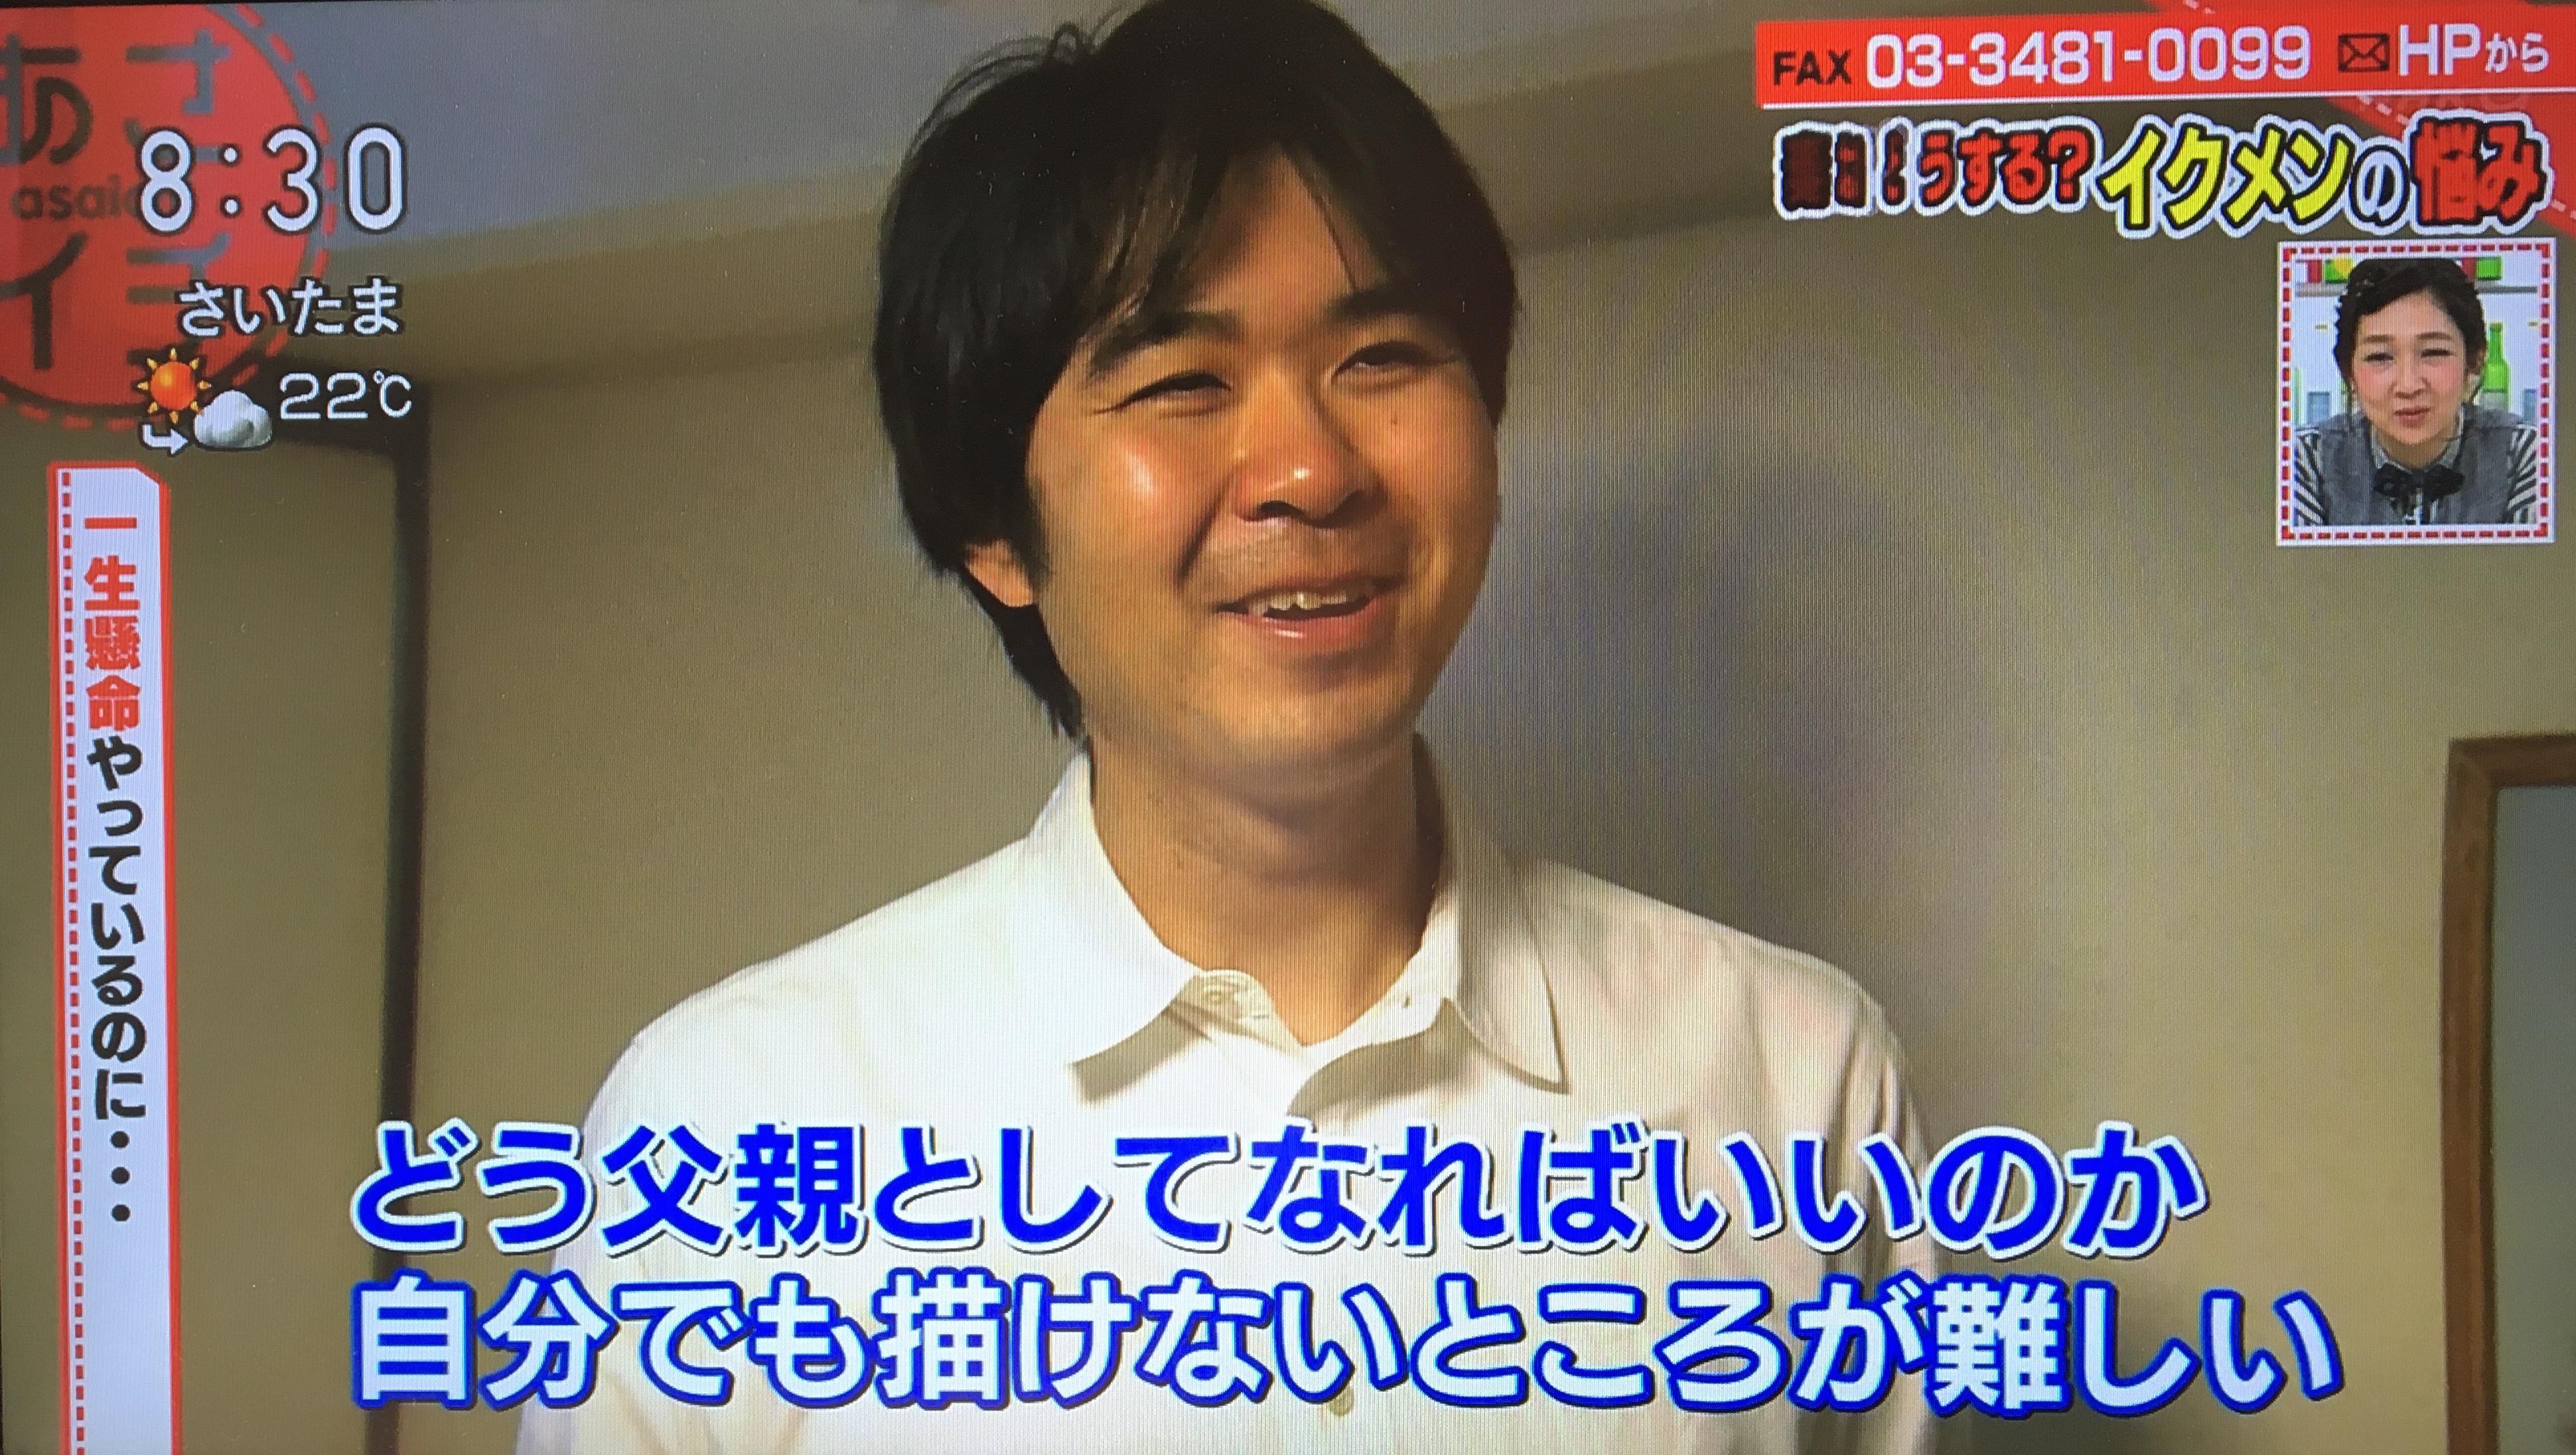 NHKあさイチにパパたち登場〜'イクメン'て言葉もういらないんじゃね